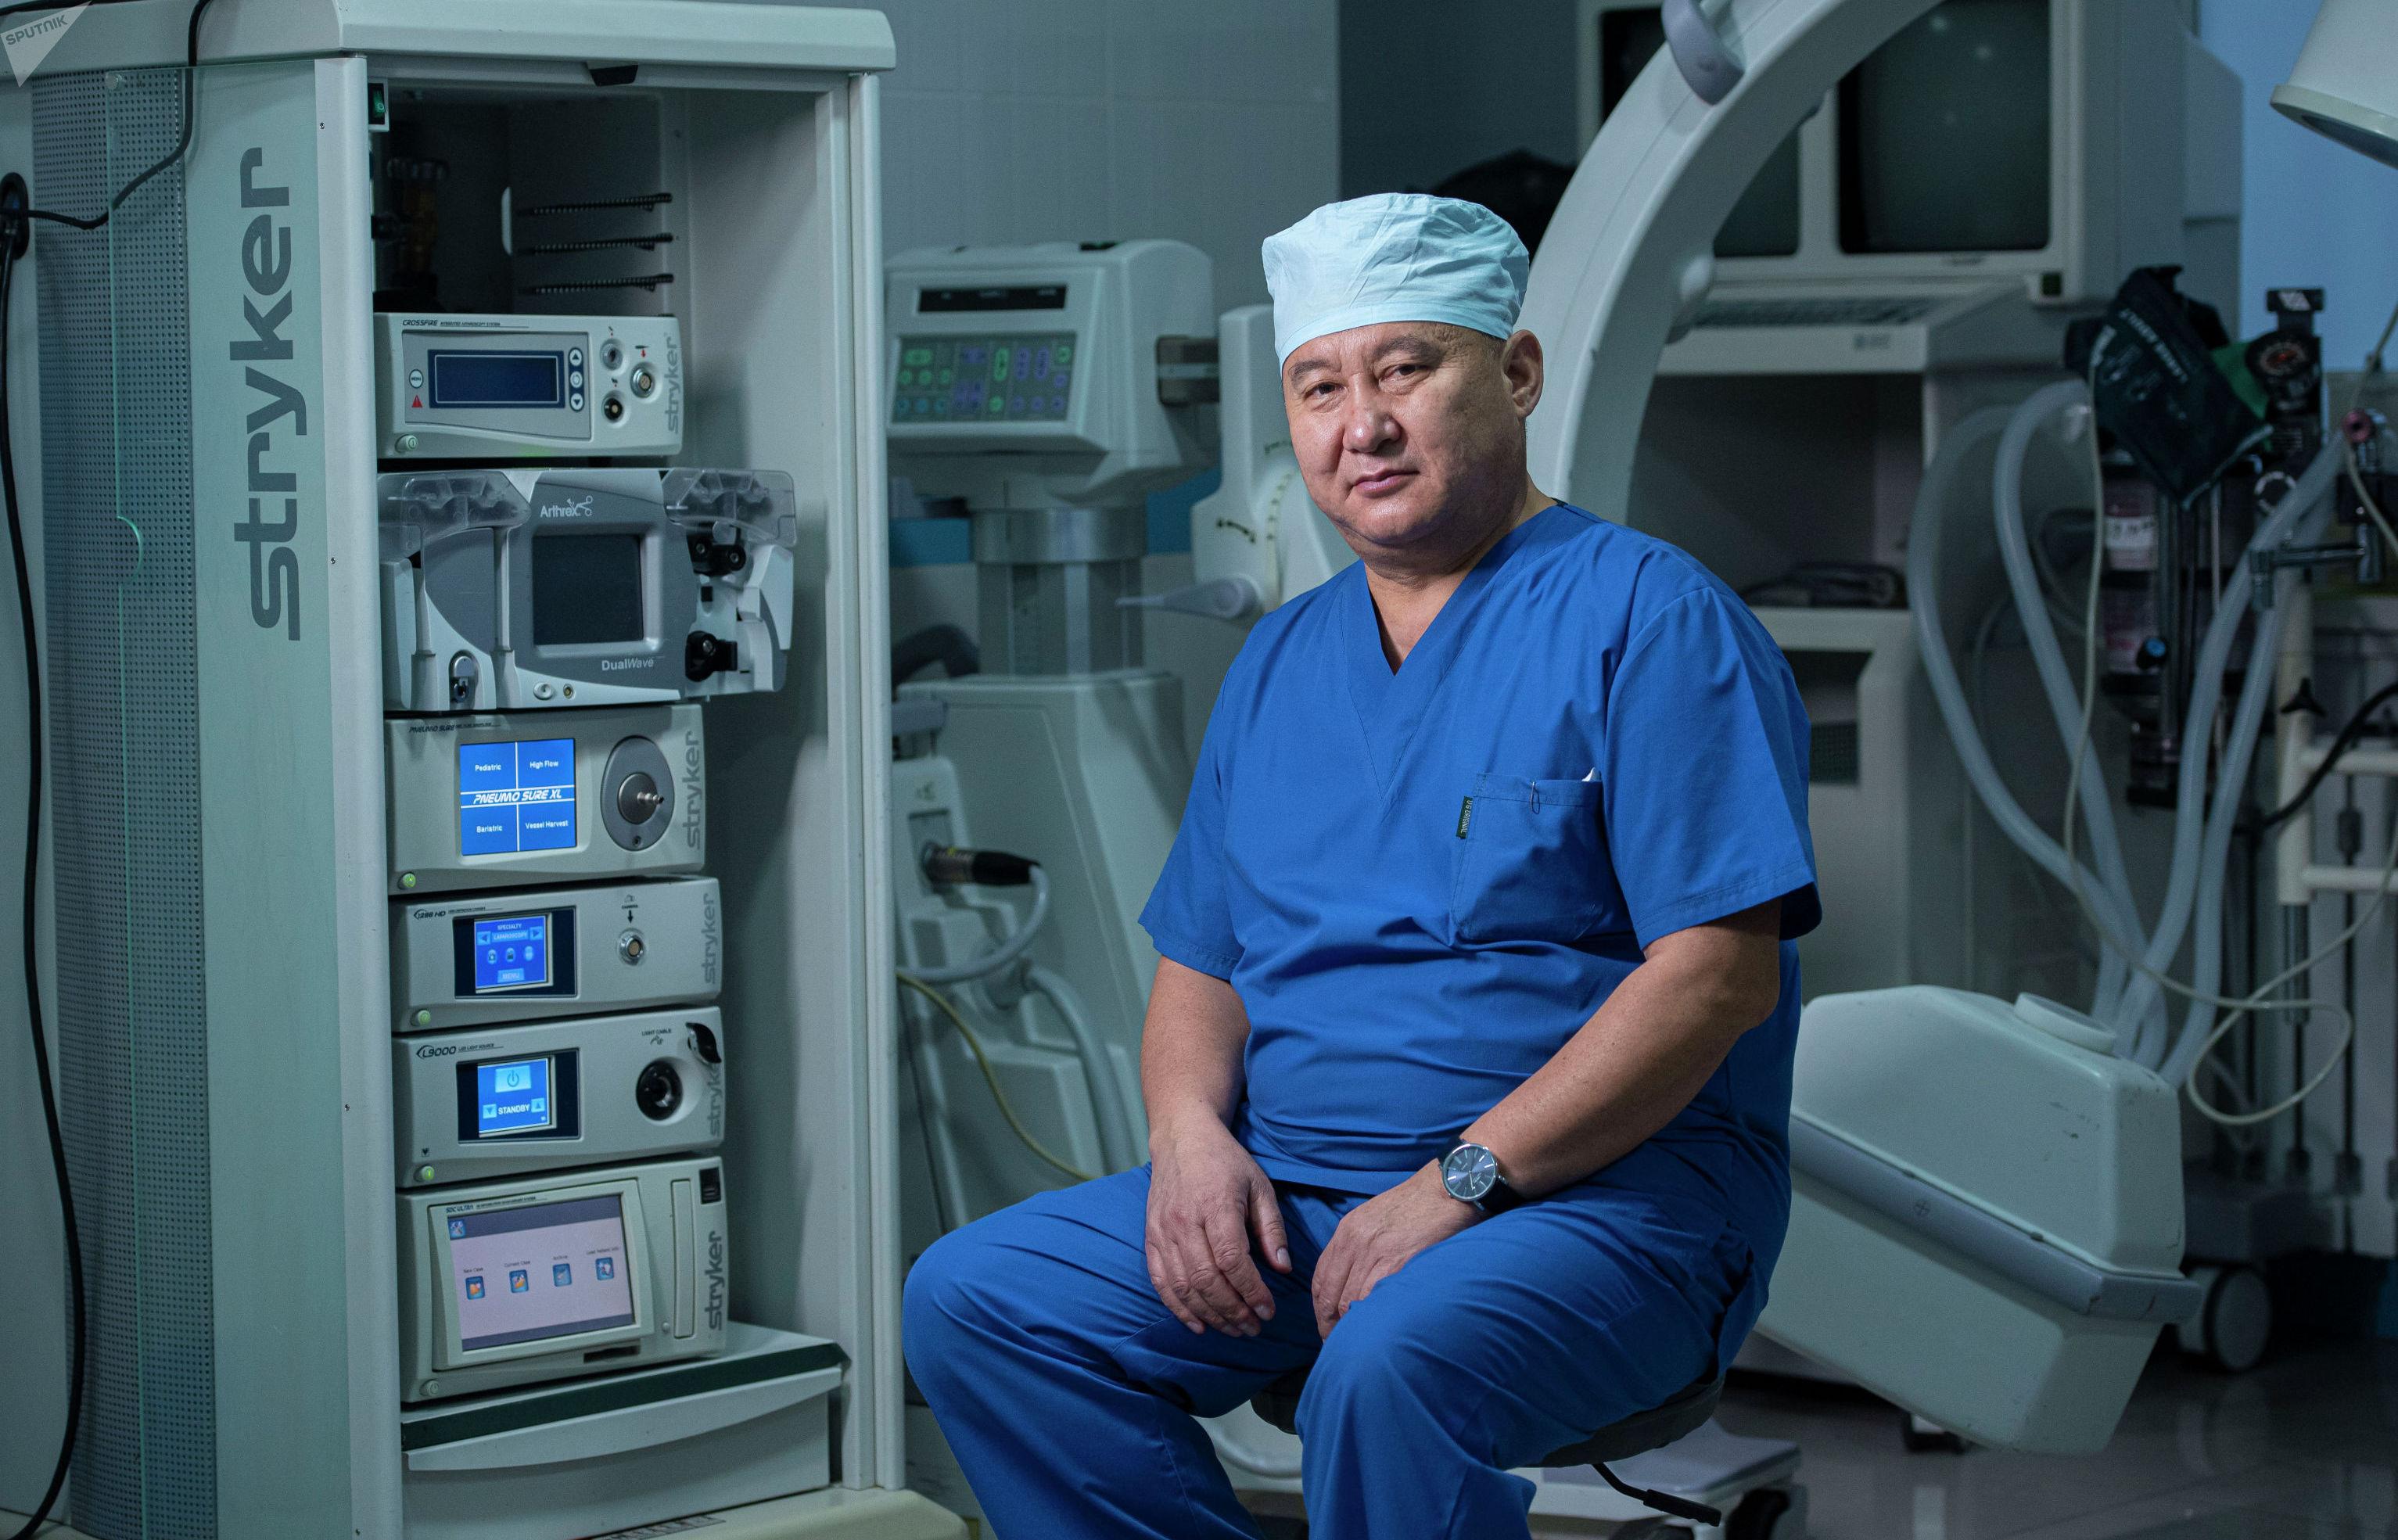 Кыргызстанский нейрохирург Абдыракман Дуйшобаев в операционной